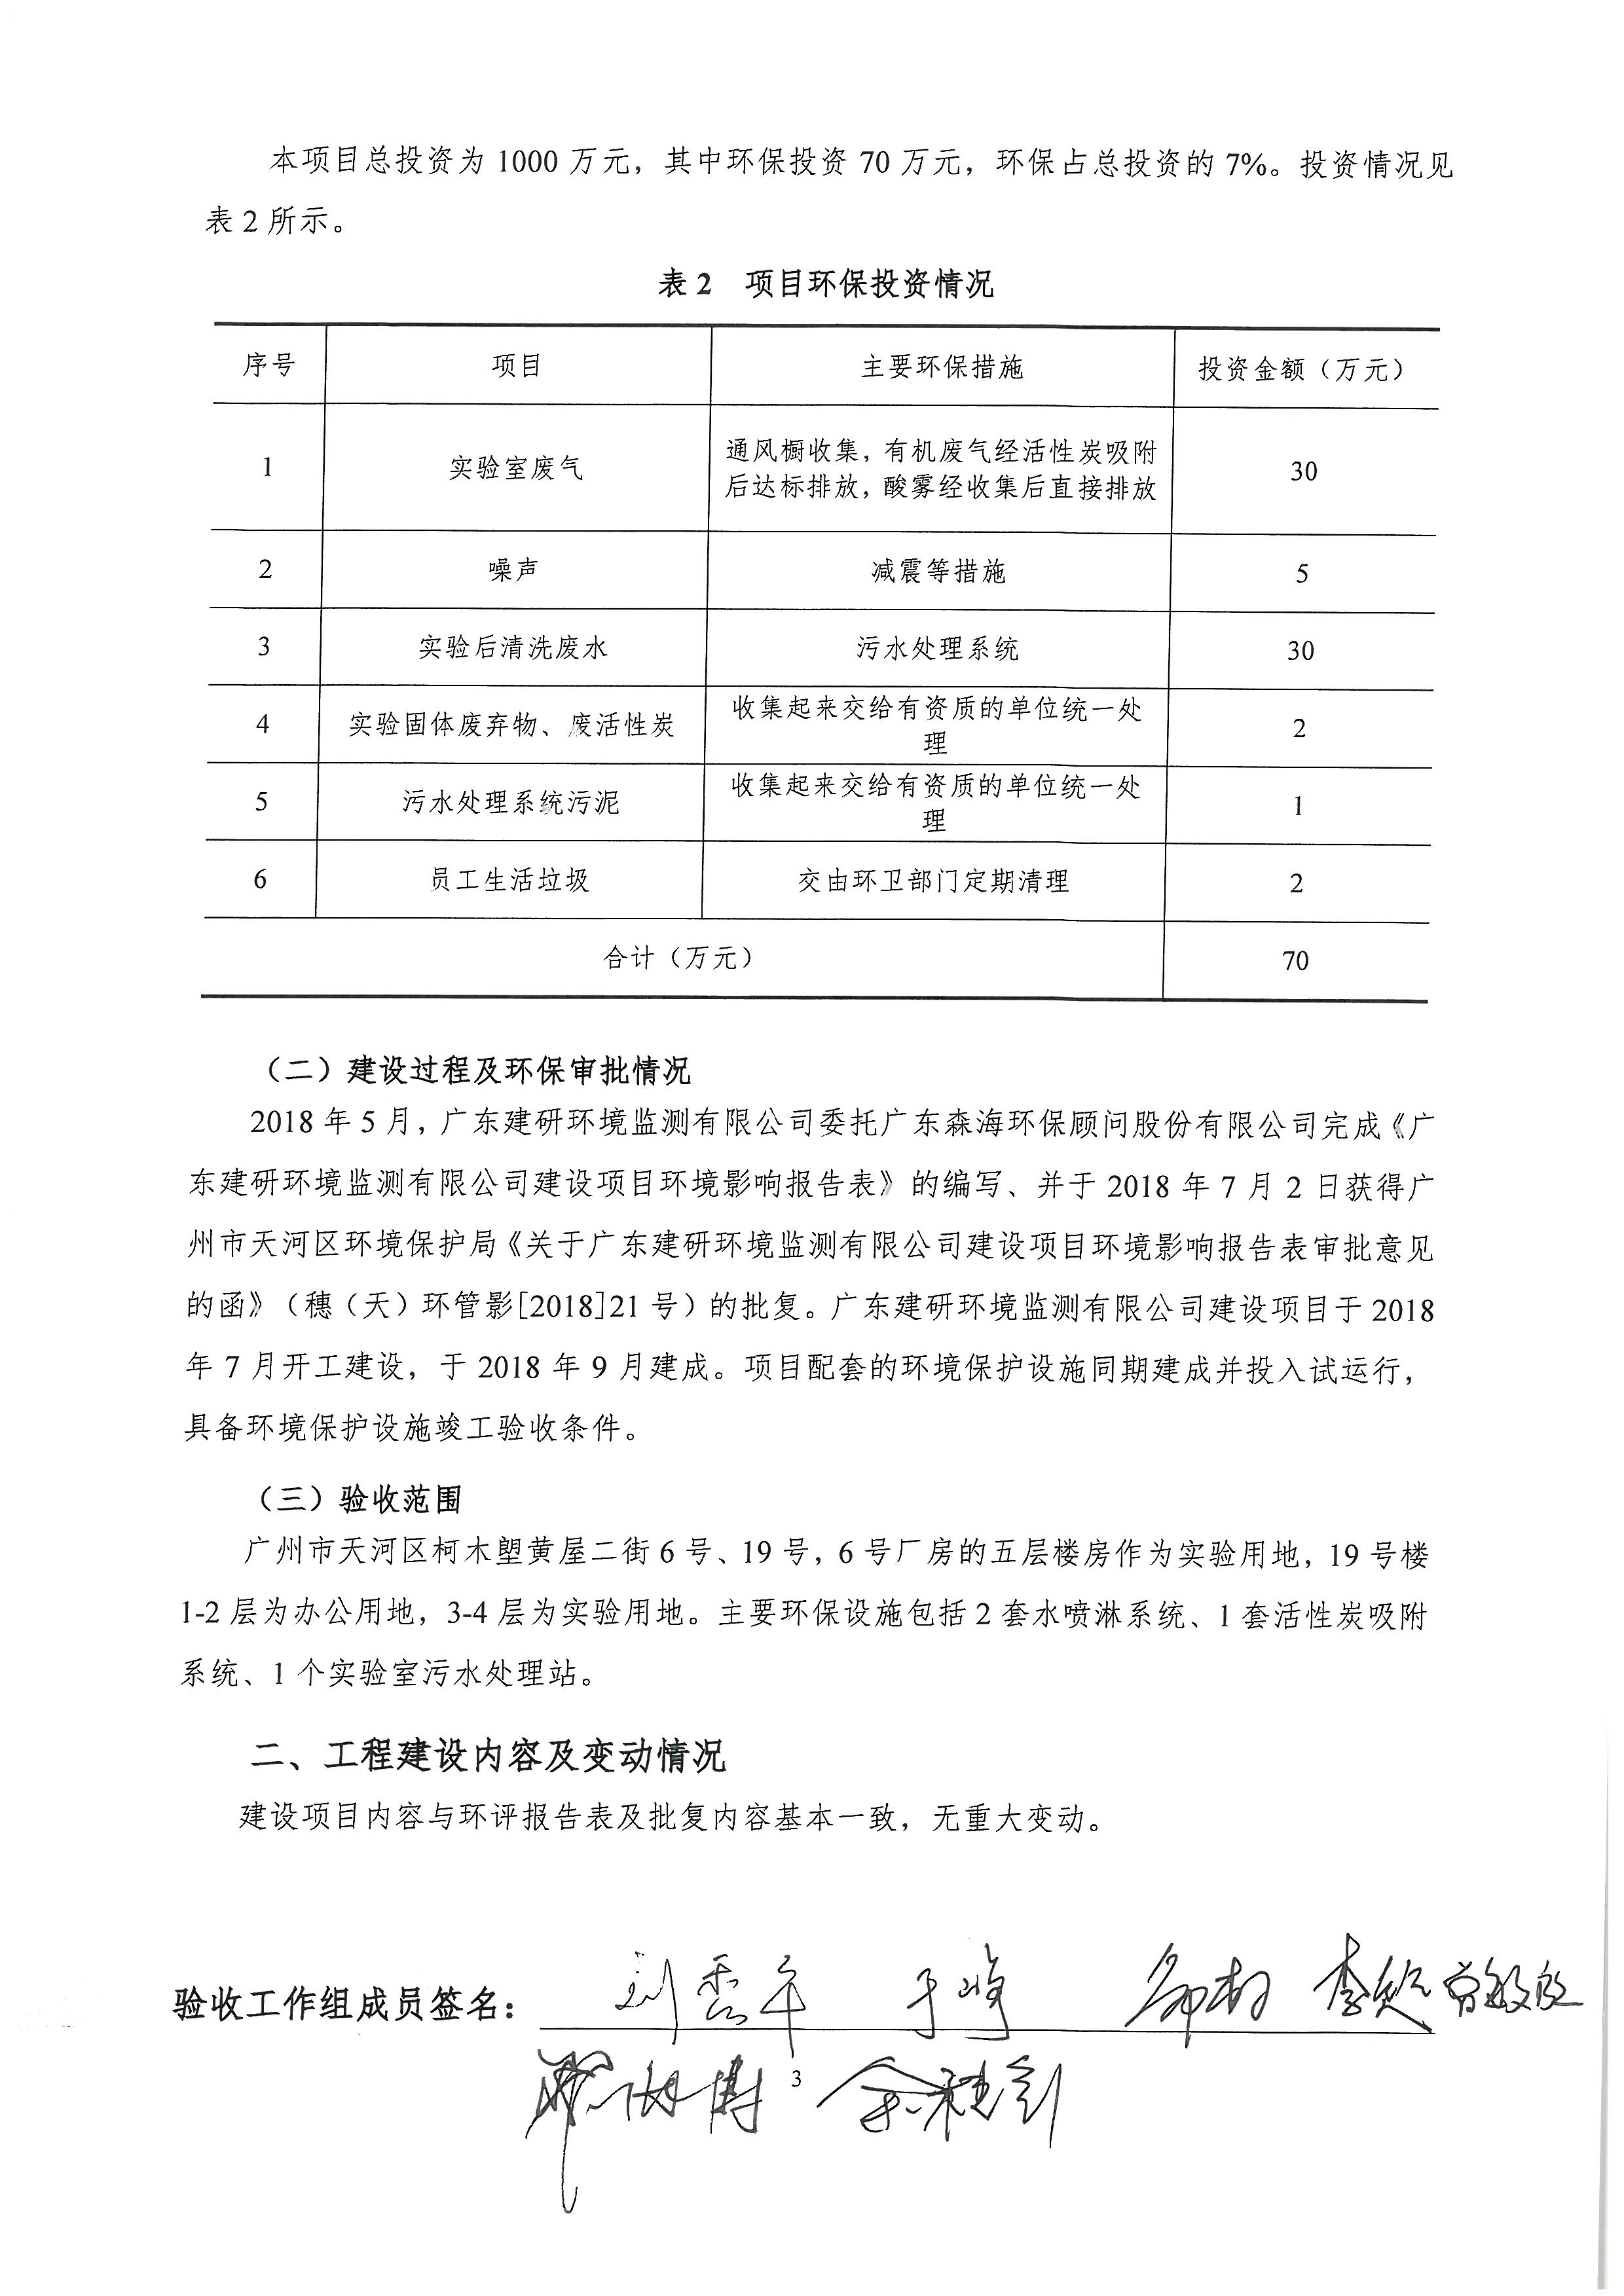 广东建研环境监测有限公司建设项目环境保护设施验收工作组意见_页面_3